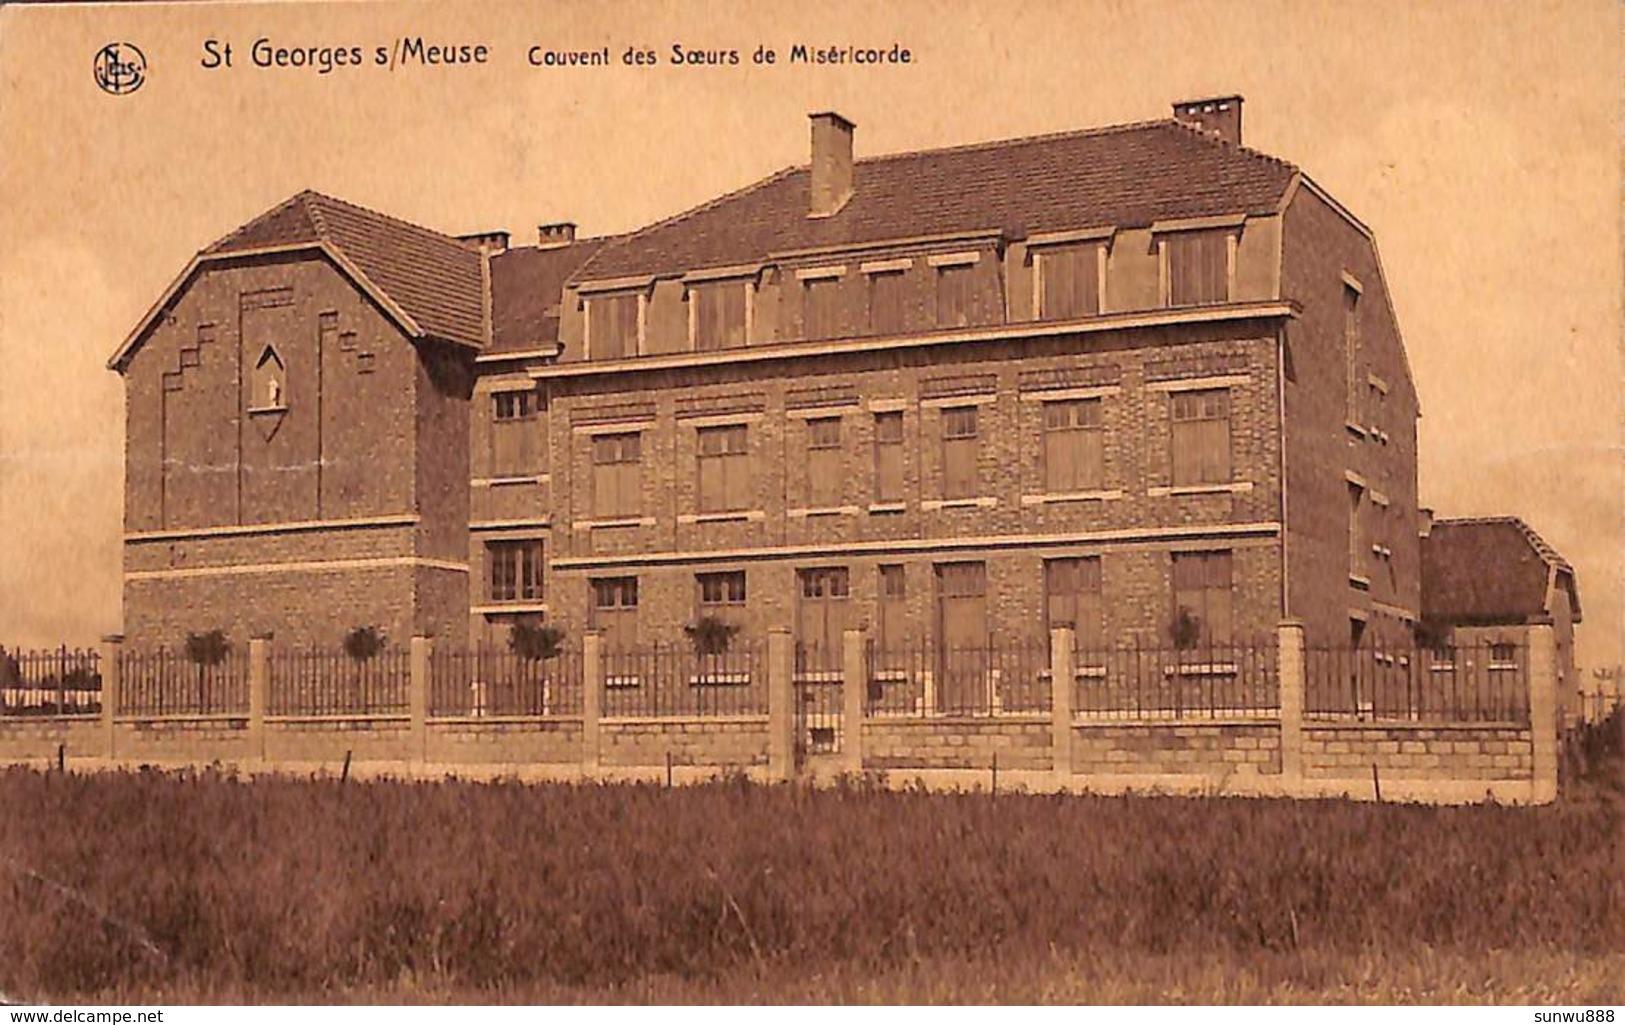 St Georges S/Meuse - Couvent Des Soeurs De Miséricorde (Edit. Micha Frères & Soeurs) - Saint-Georges-sur-Meuse